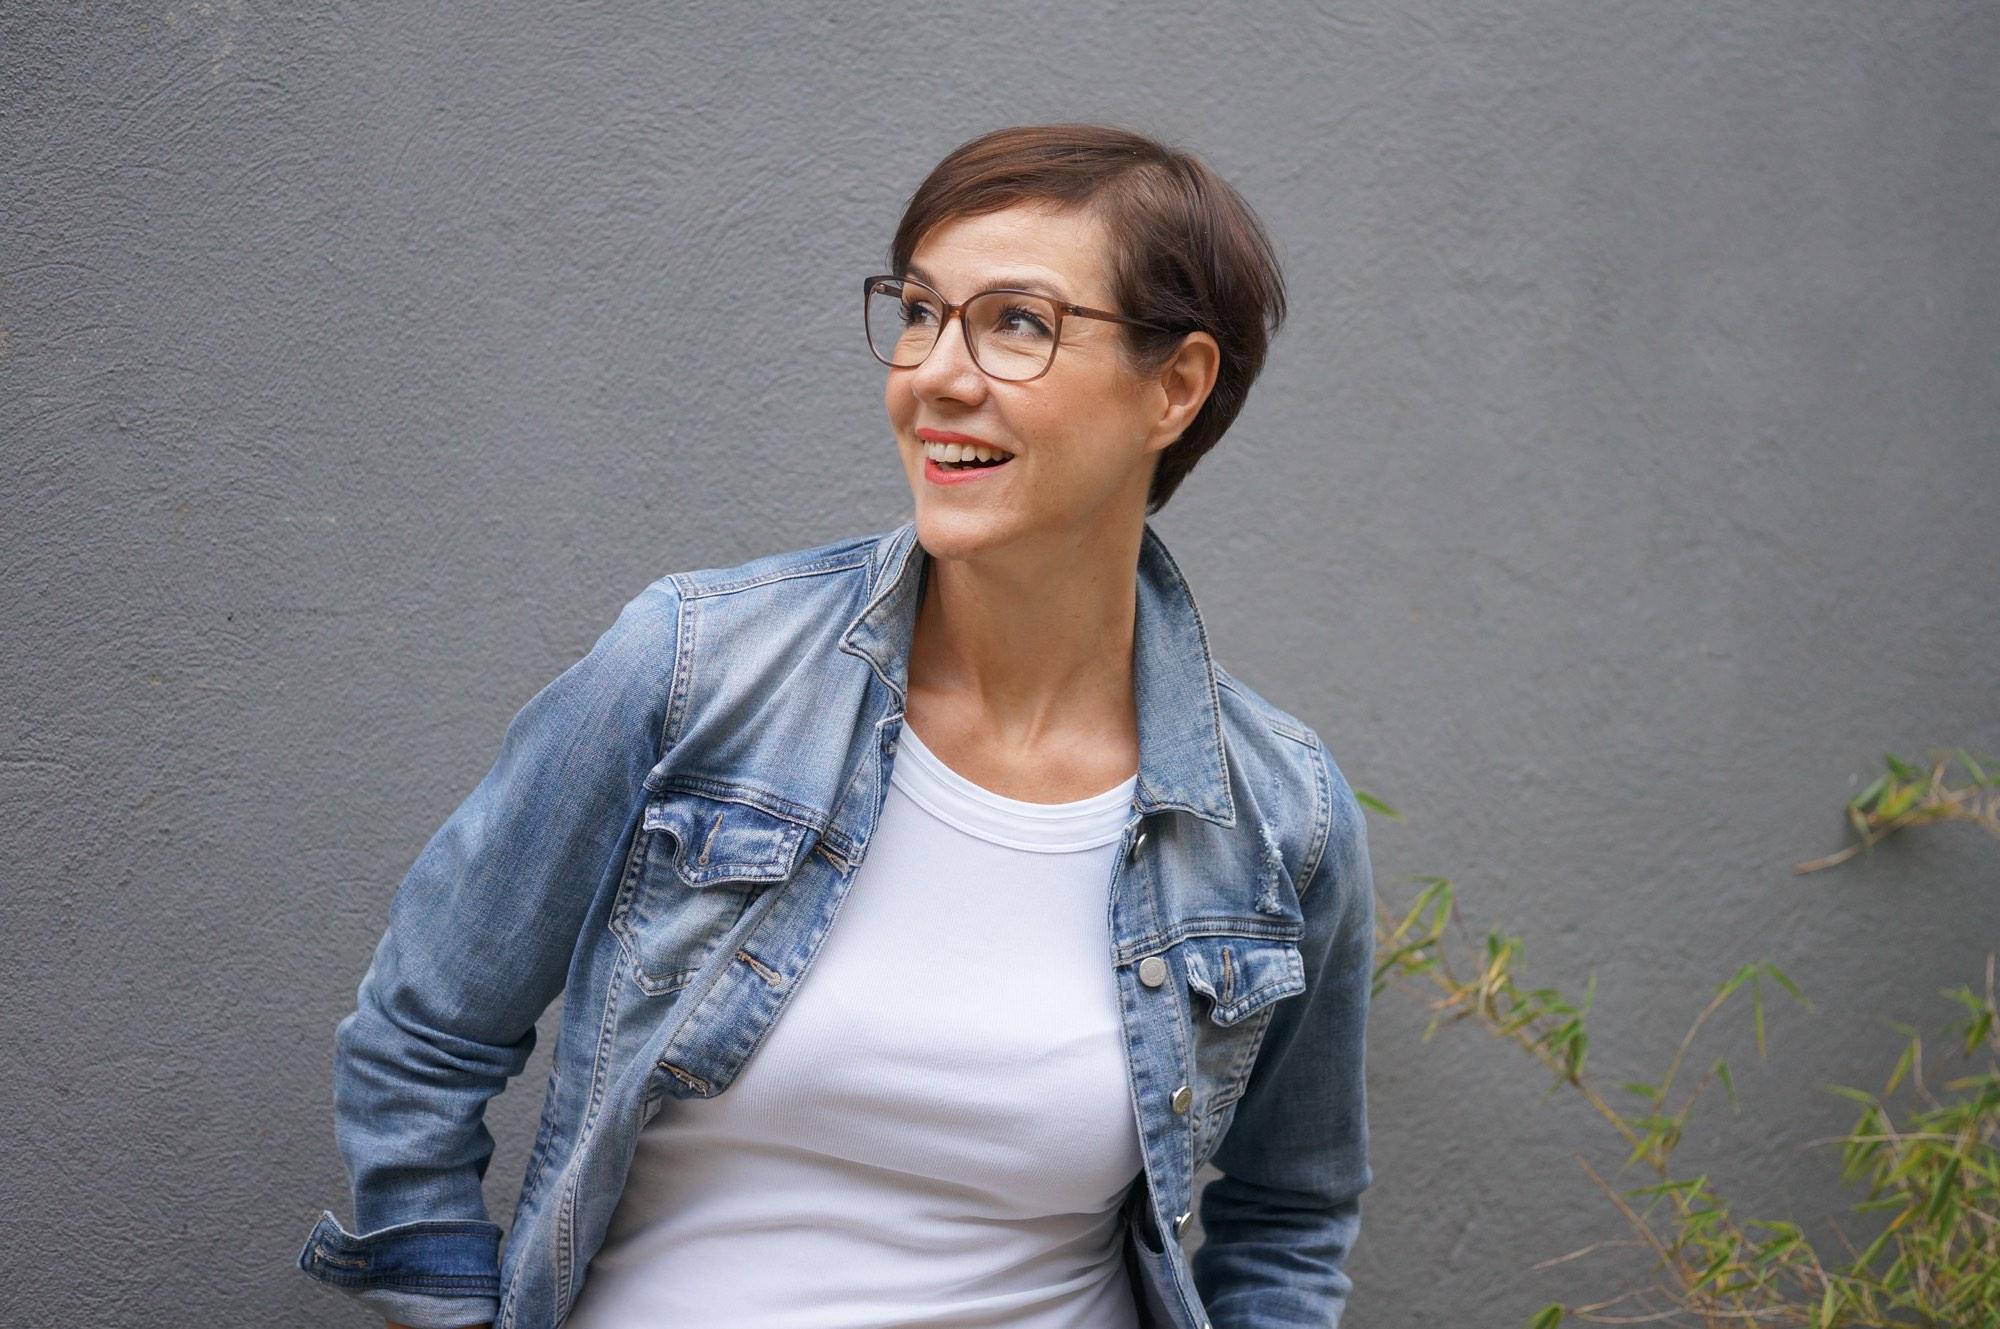 Das lässige Doppelleben eines Modeklassikers: Der Hosenanzug lässig gestylt. Teil 1: Die Anzughose im lässigen Look bei der Schminktante. Eine Blogger - Aktion der Modeflüsterin.